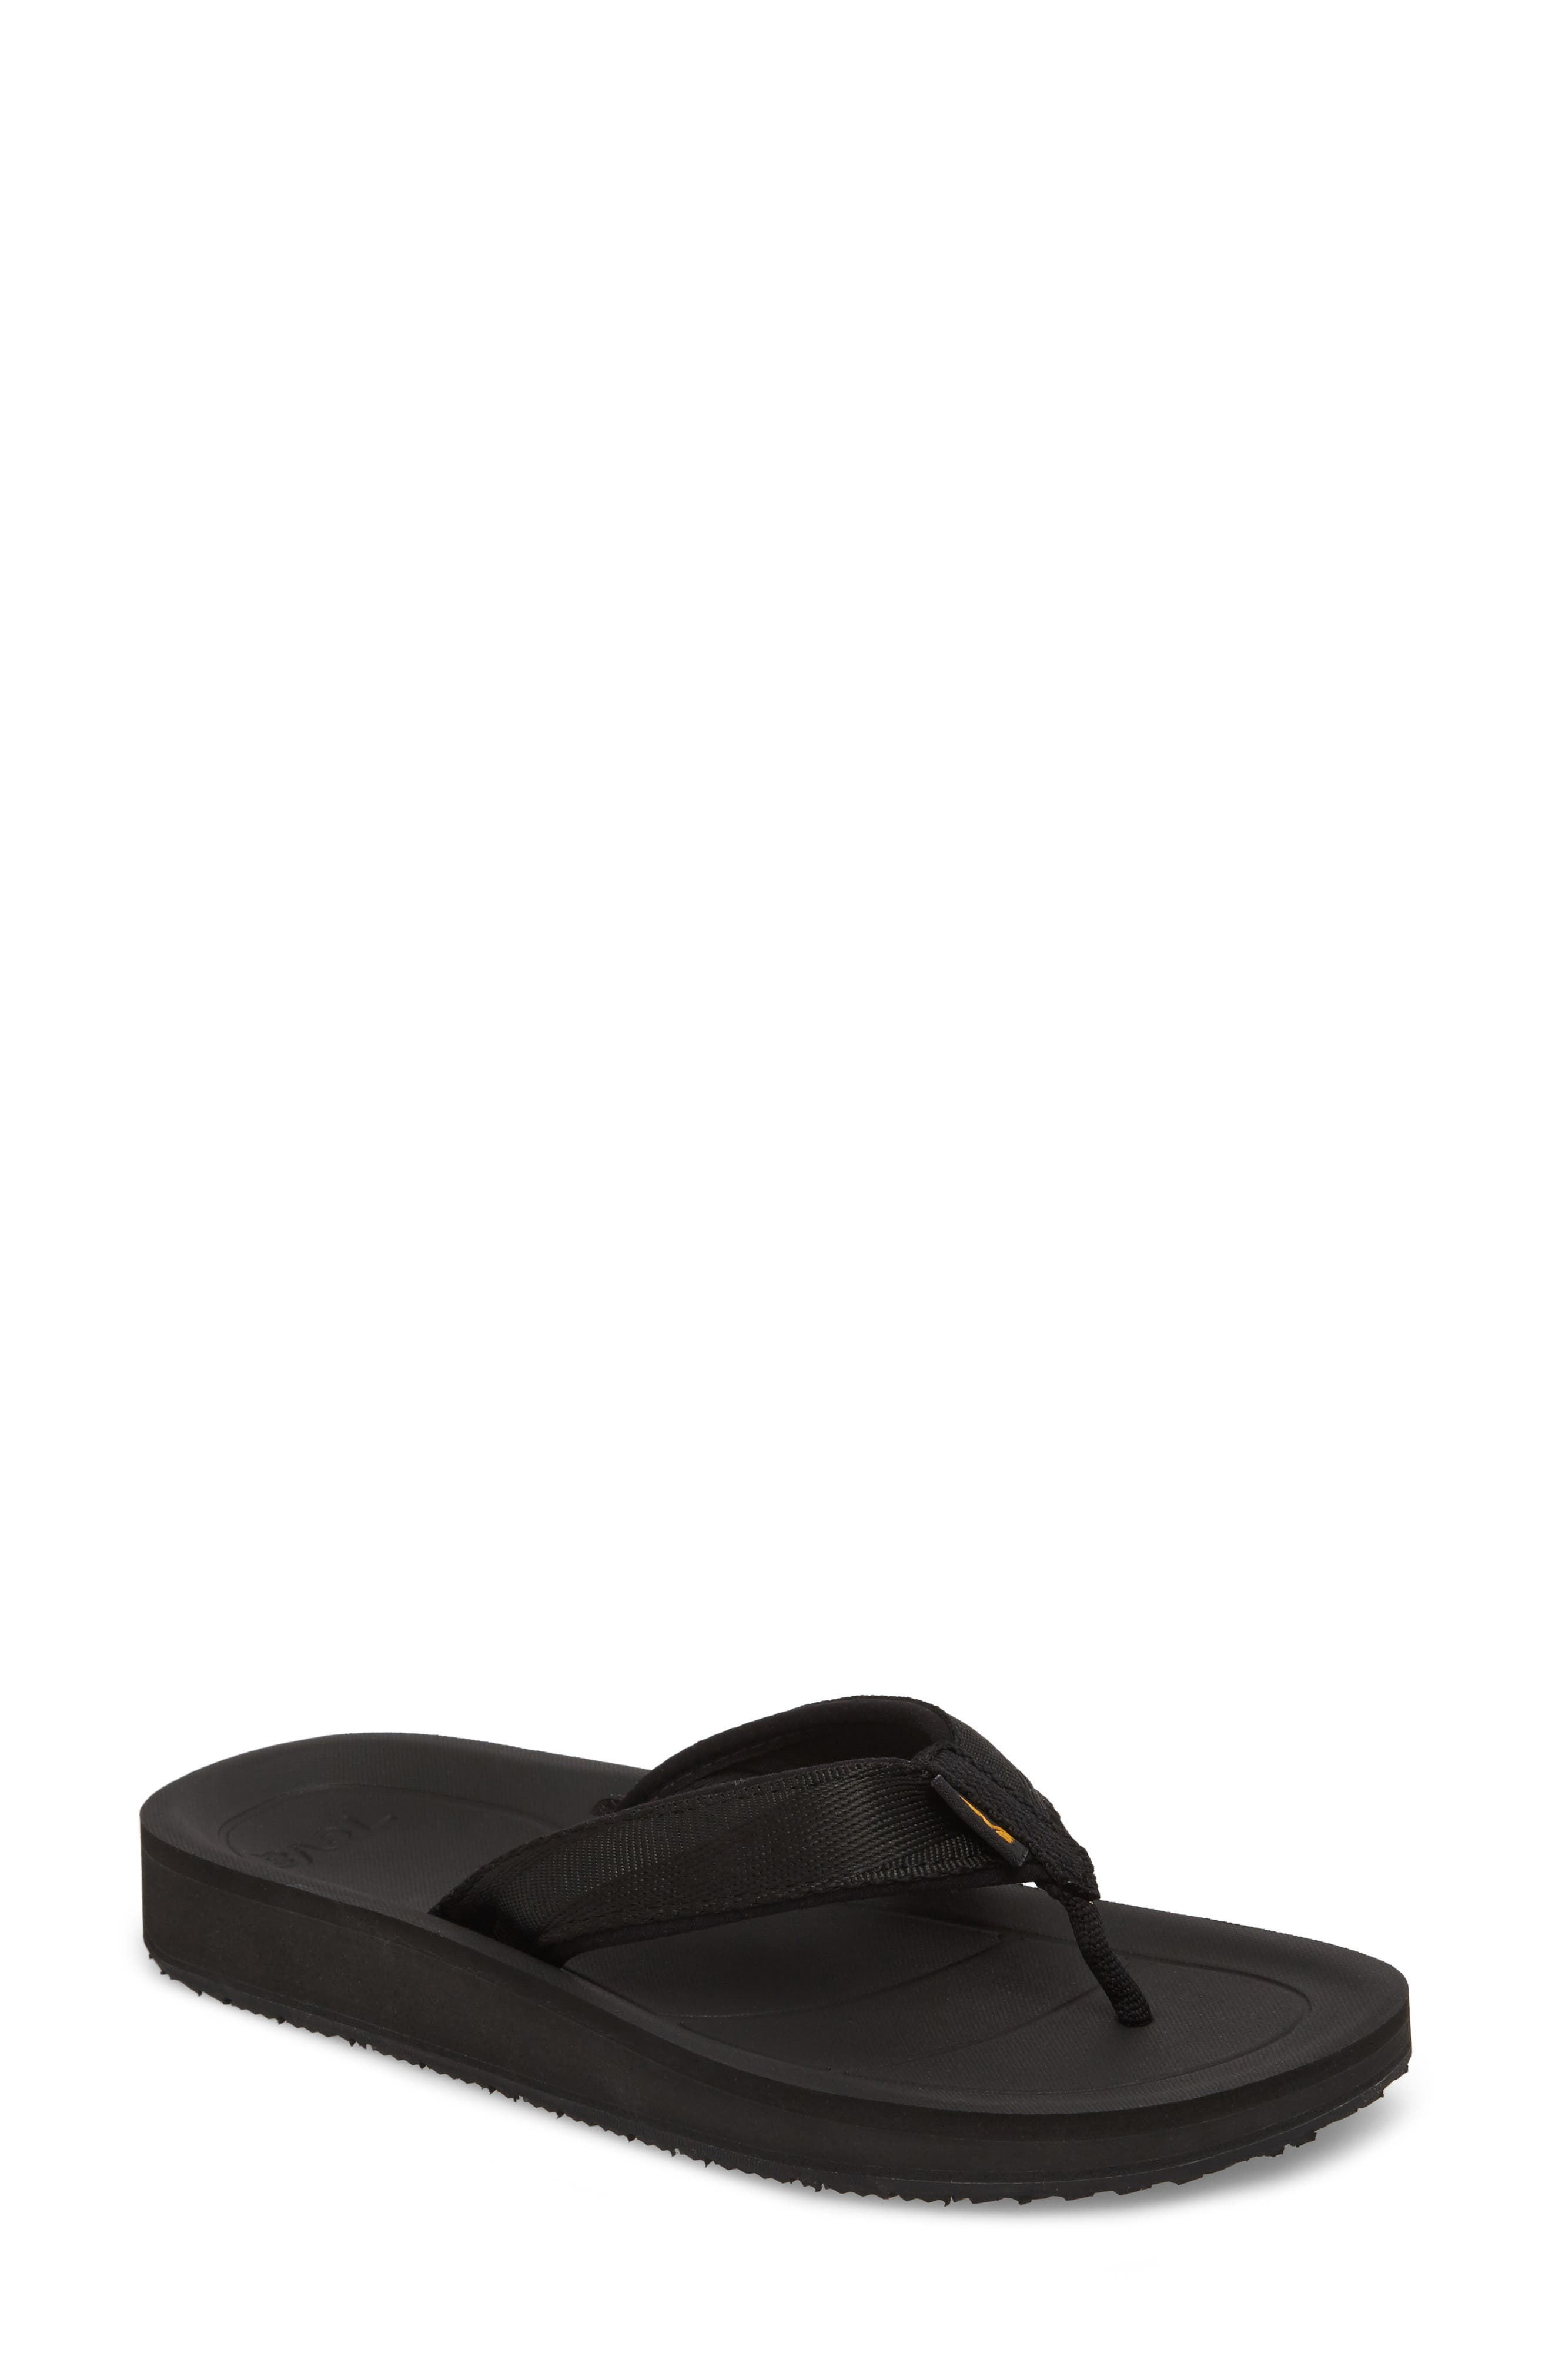 Alternate Image 1 Selected - Teva Flip Premier Sandal (Women)